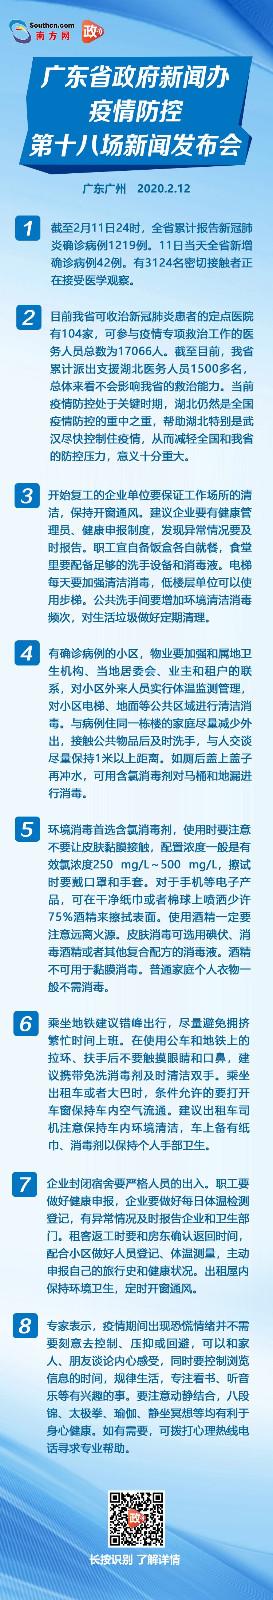 2月12日广东举行疫情防控第十八场新闻发布会